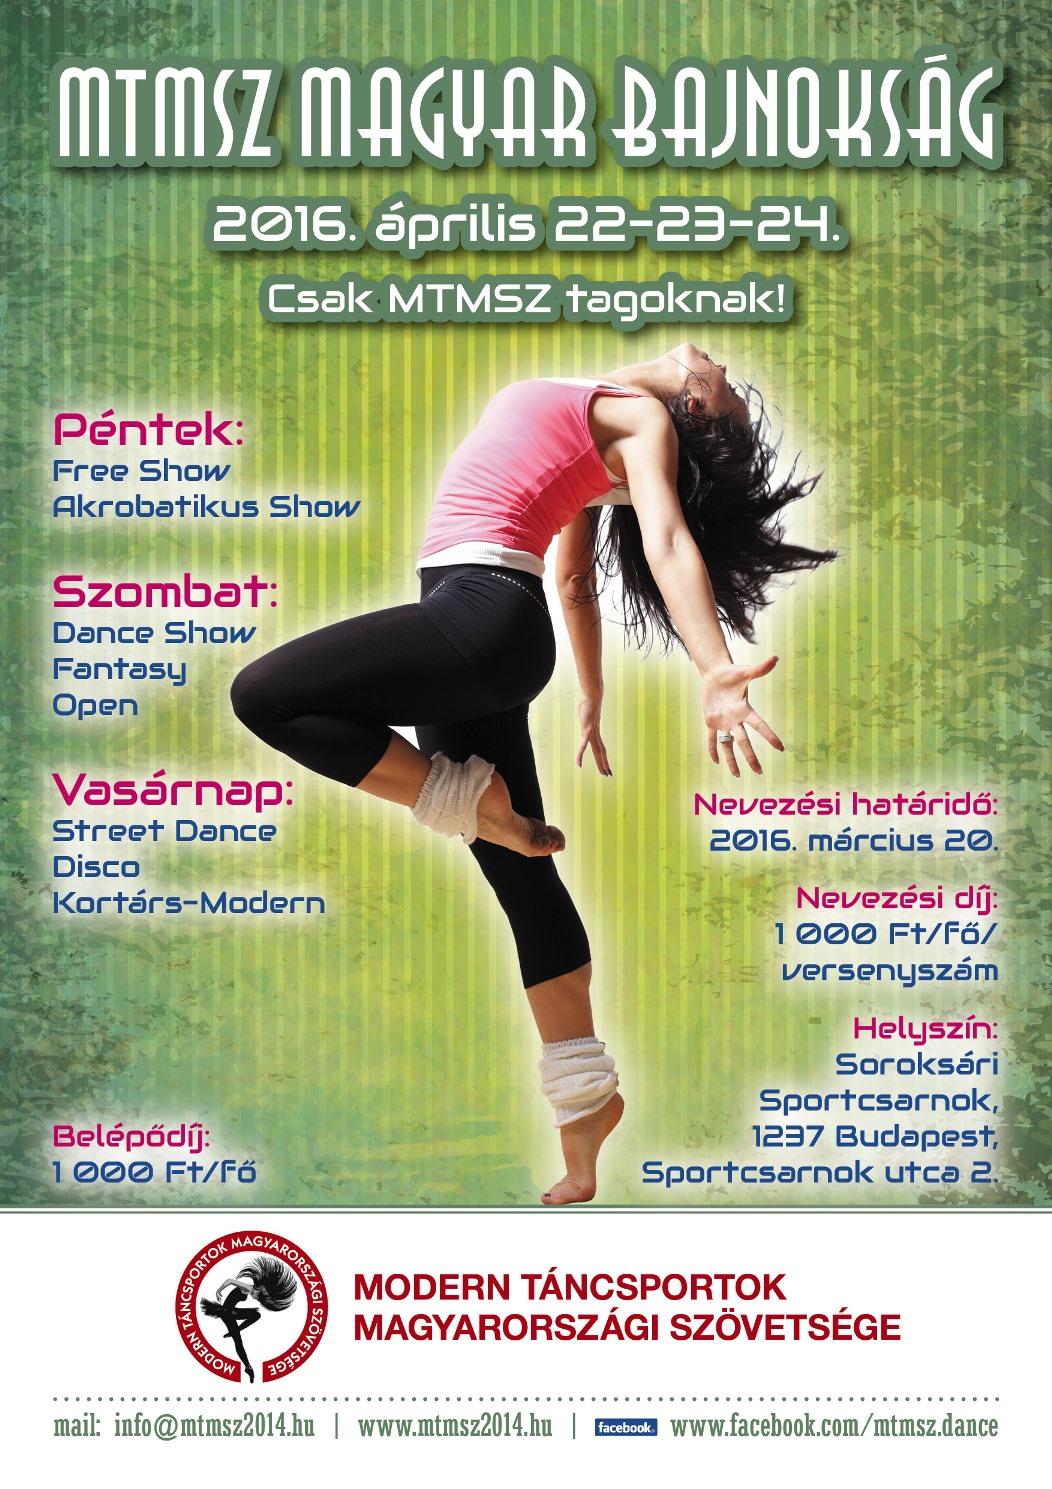 MTMSZ Magyar Bajnokság